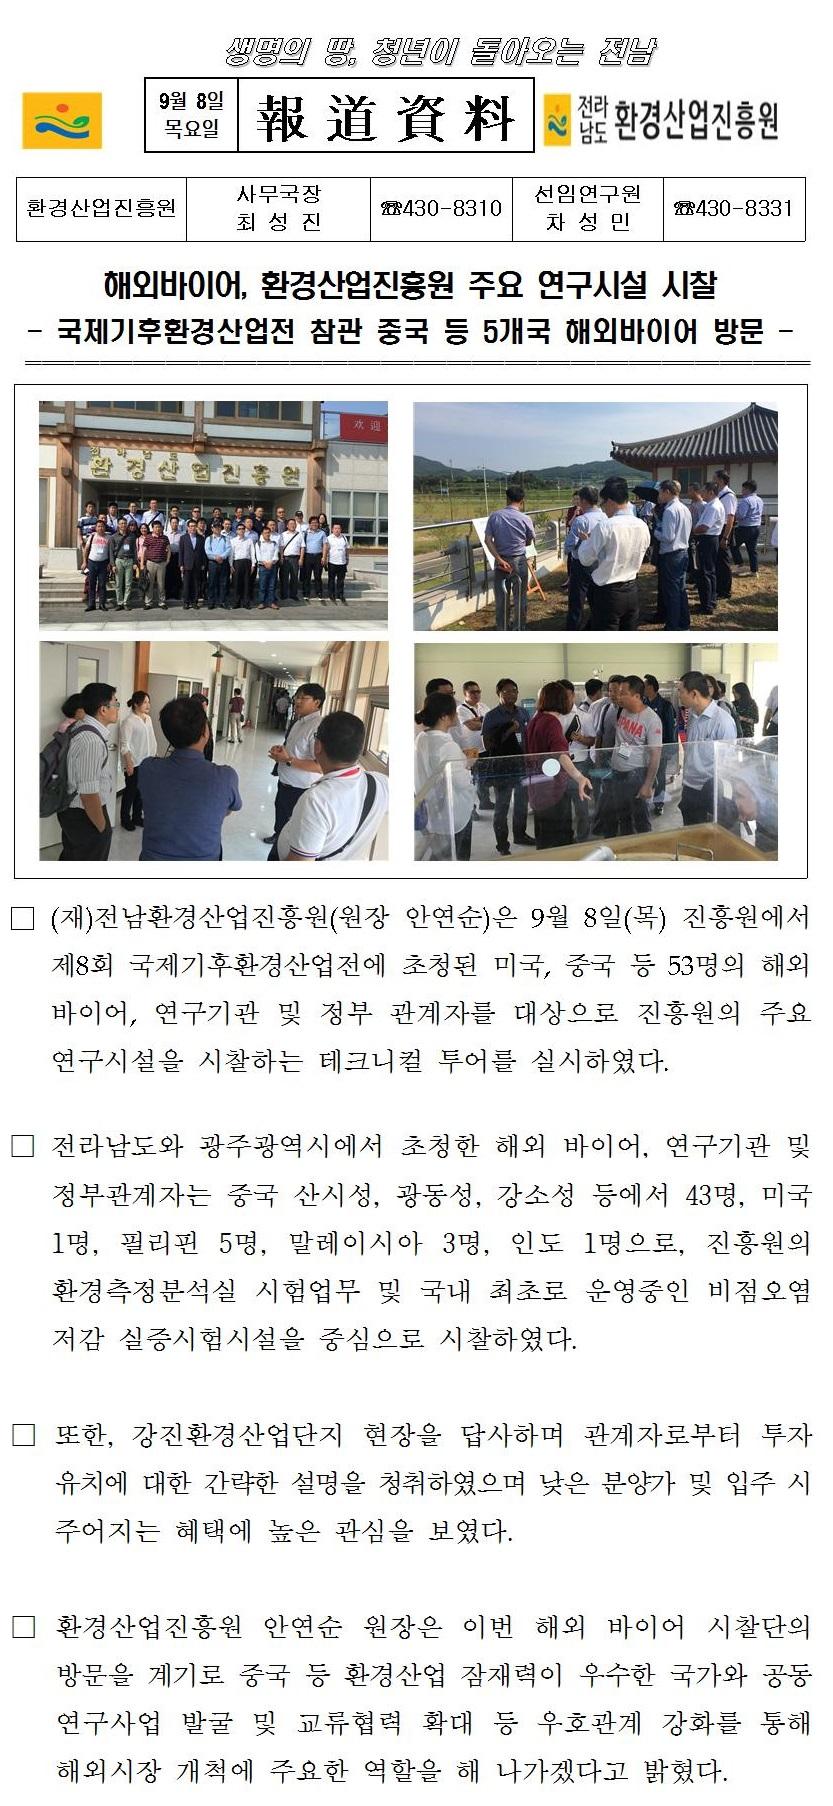 해외바이어환경산업진흥원주요연구시설시찰방문